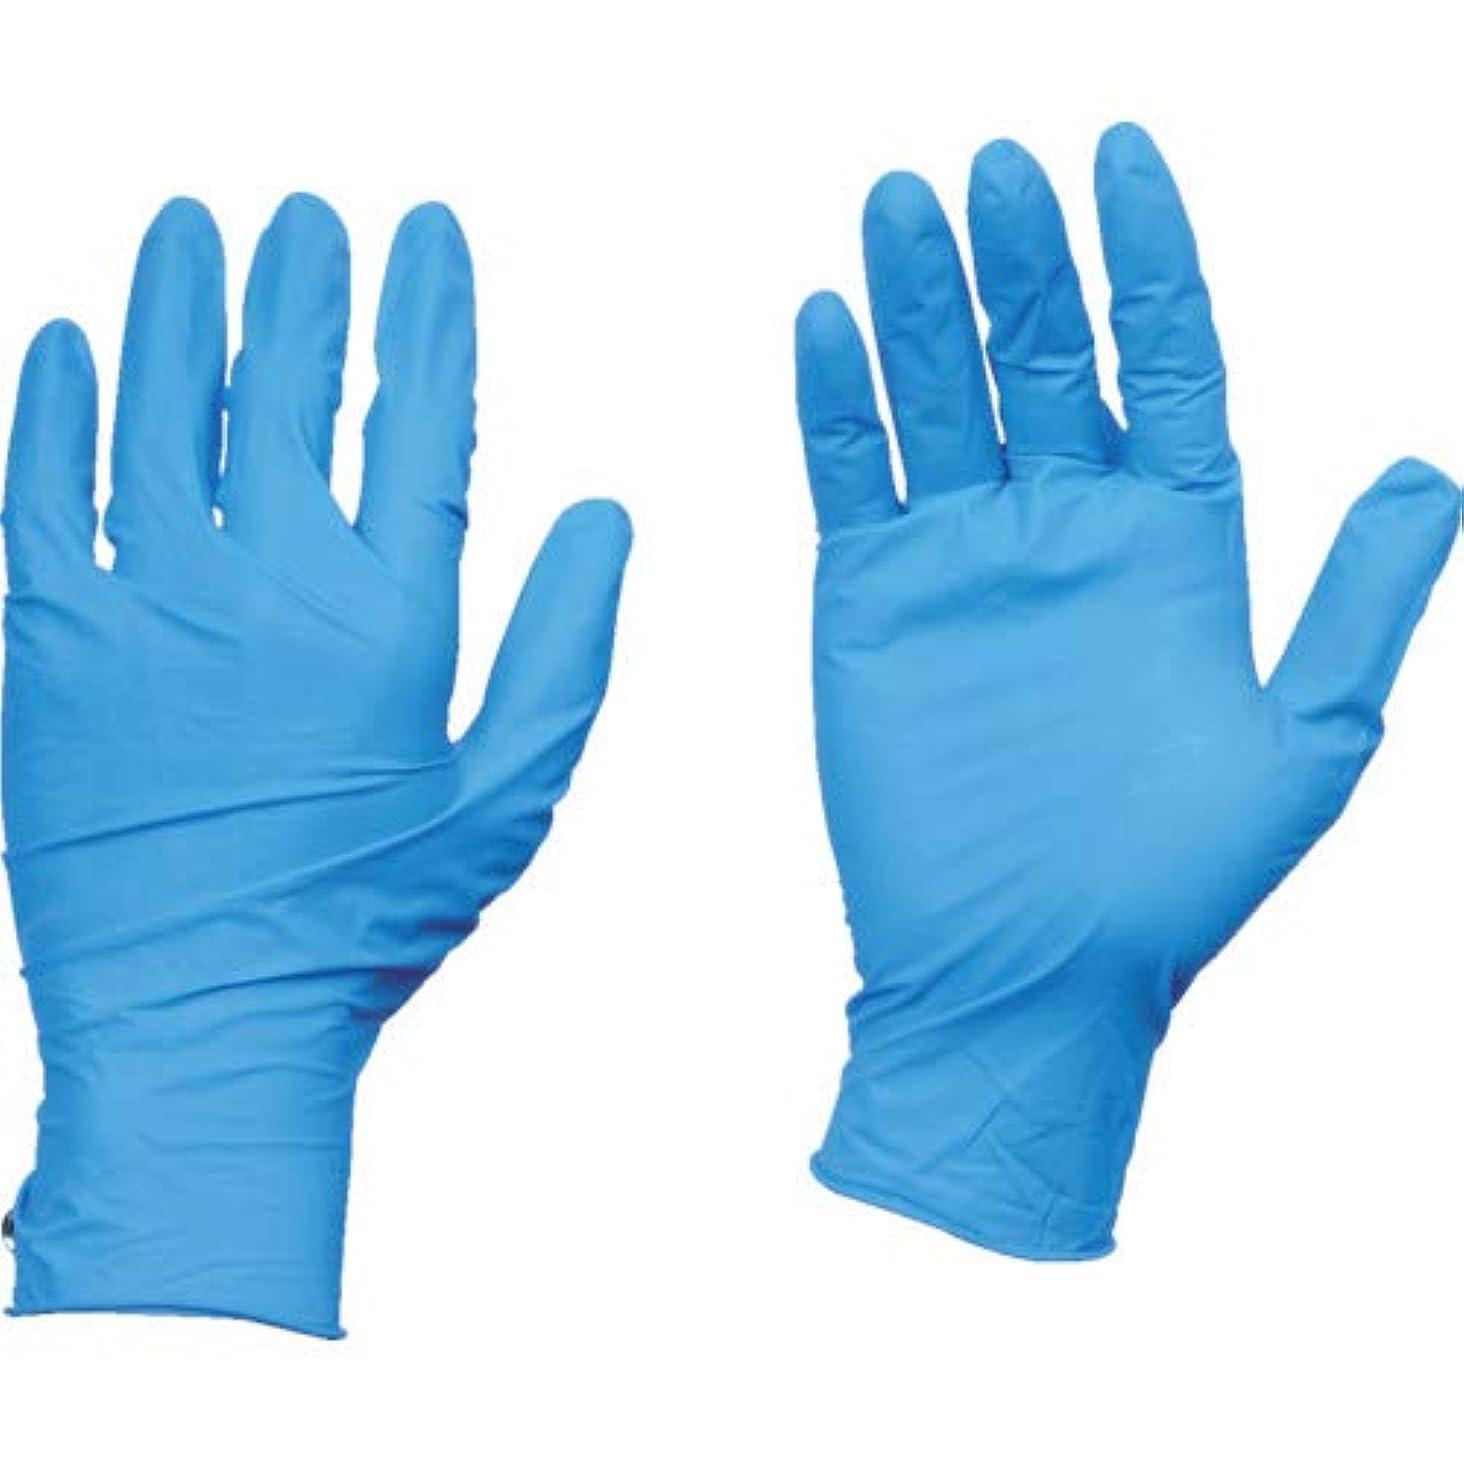 ぬいぐるみバスルーム投獄TRUSCO(トラスコ) 10箱入り 使い捨て天然ゴム手袋TGワーク 0.10 粉付青M TGPL10BM10C